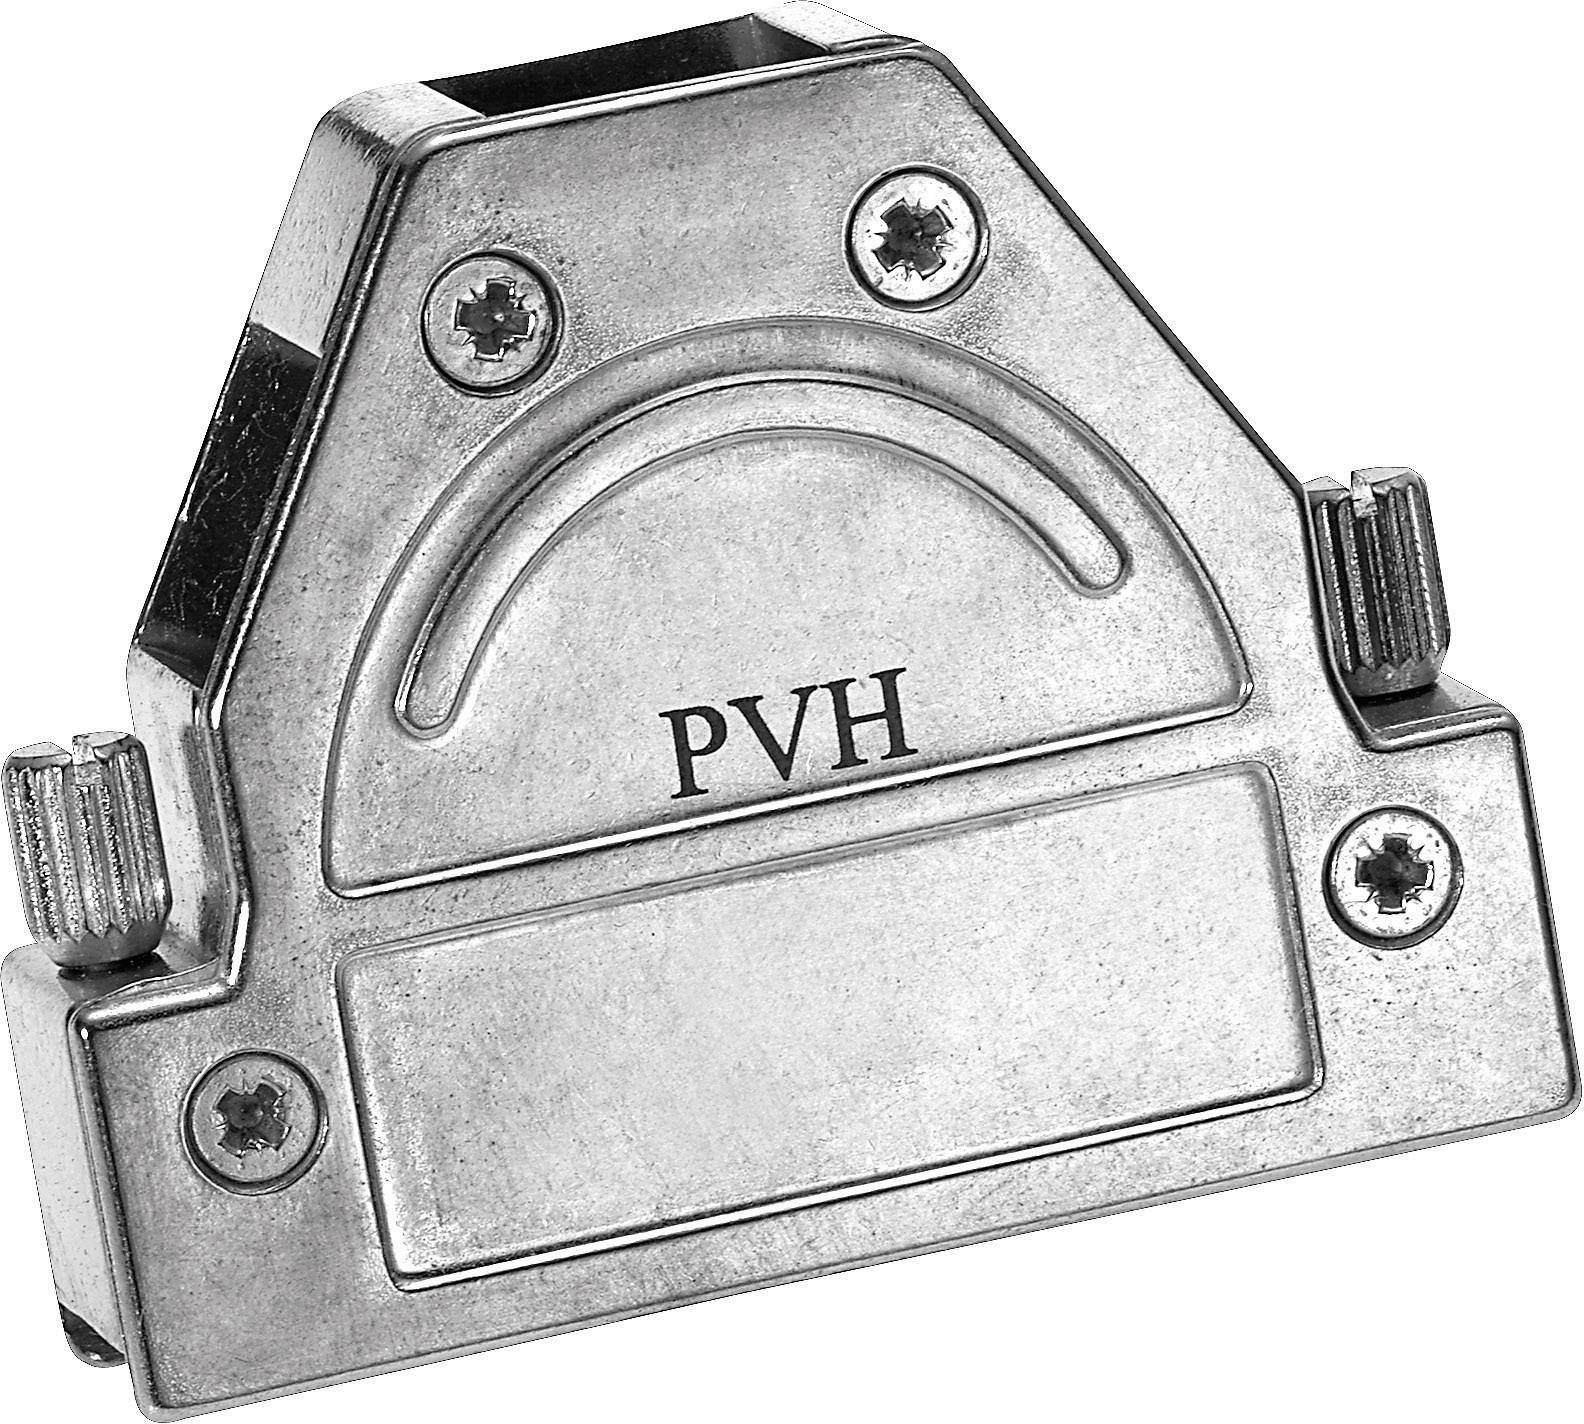 D-SUB púzdro Provertha 1715DC25001 1715DC25001, Počet pinov: 15, kov, 180 °, strieborná, 1 ks